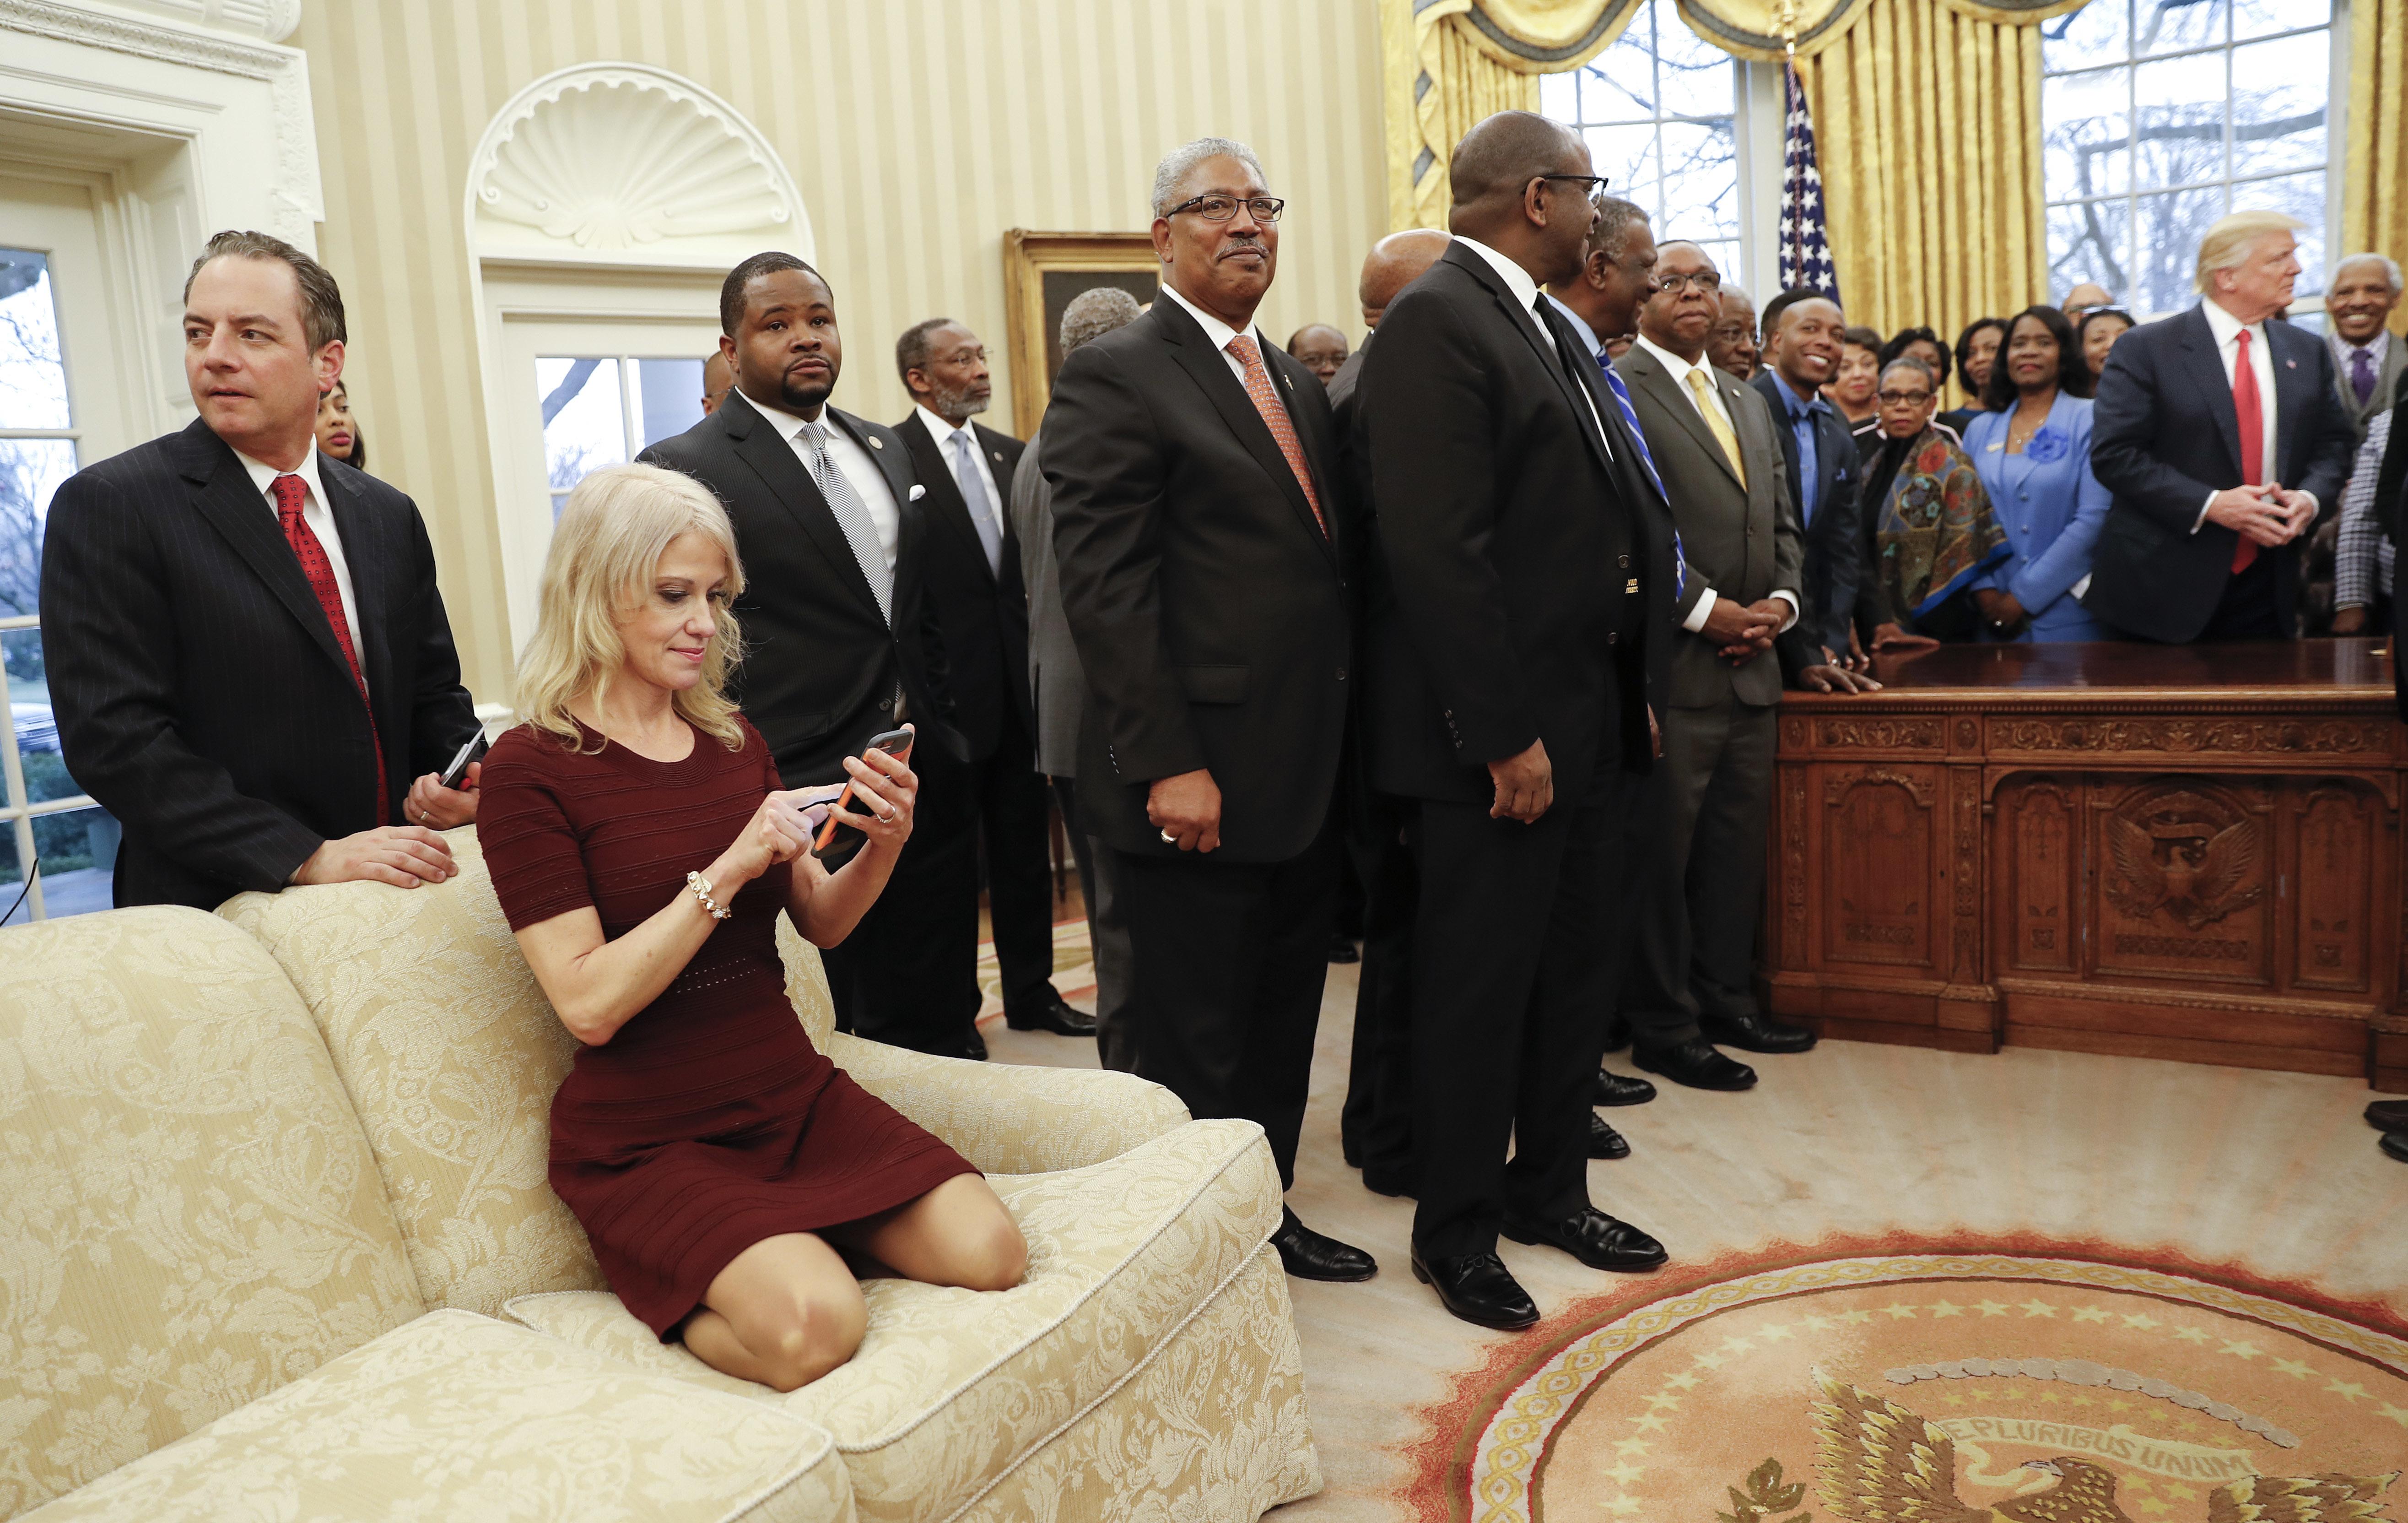 Rådgivaren Kellyanne Conway fångades på bild i en märklig pose i Ovala rummet. Bilden väckte ramaskri då kritikerna hävdade att hon inte visade repsekt för presidentämbetet och besökarna – men själv hävdade Conway att hon satt sig på knäna för att få bättre vinkel när hon skulle fotografera. APphoto/Pablo Martinez Monsivais